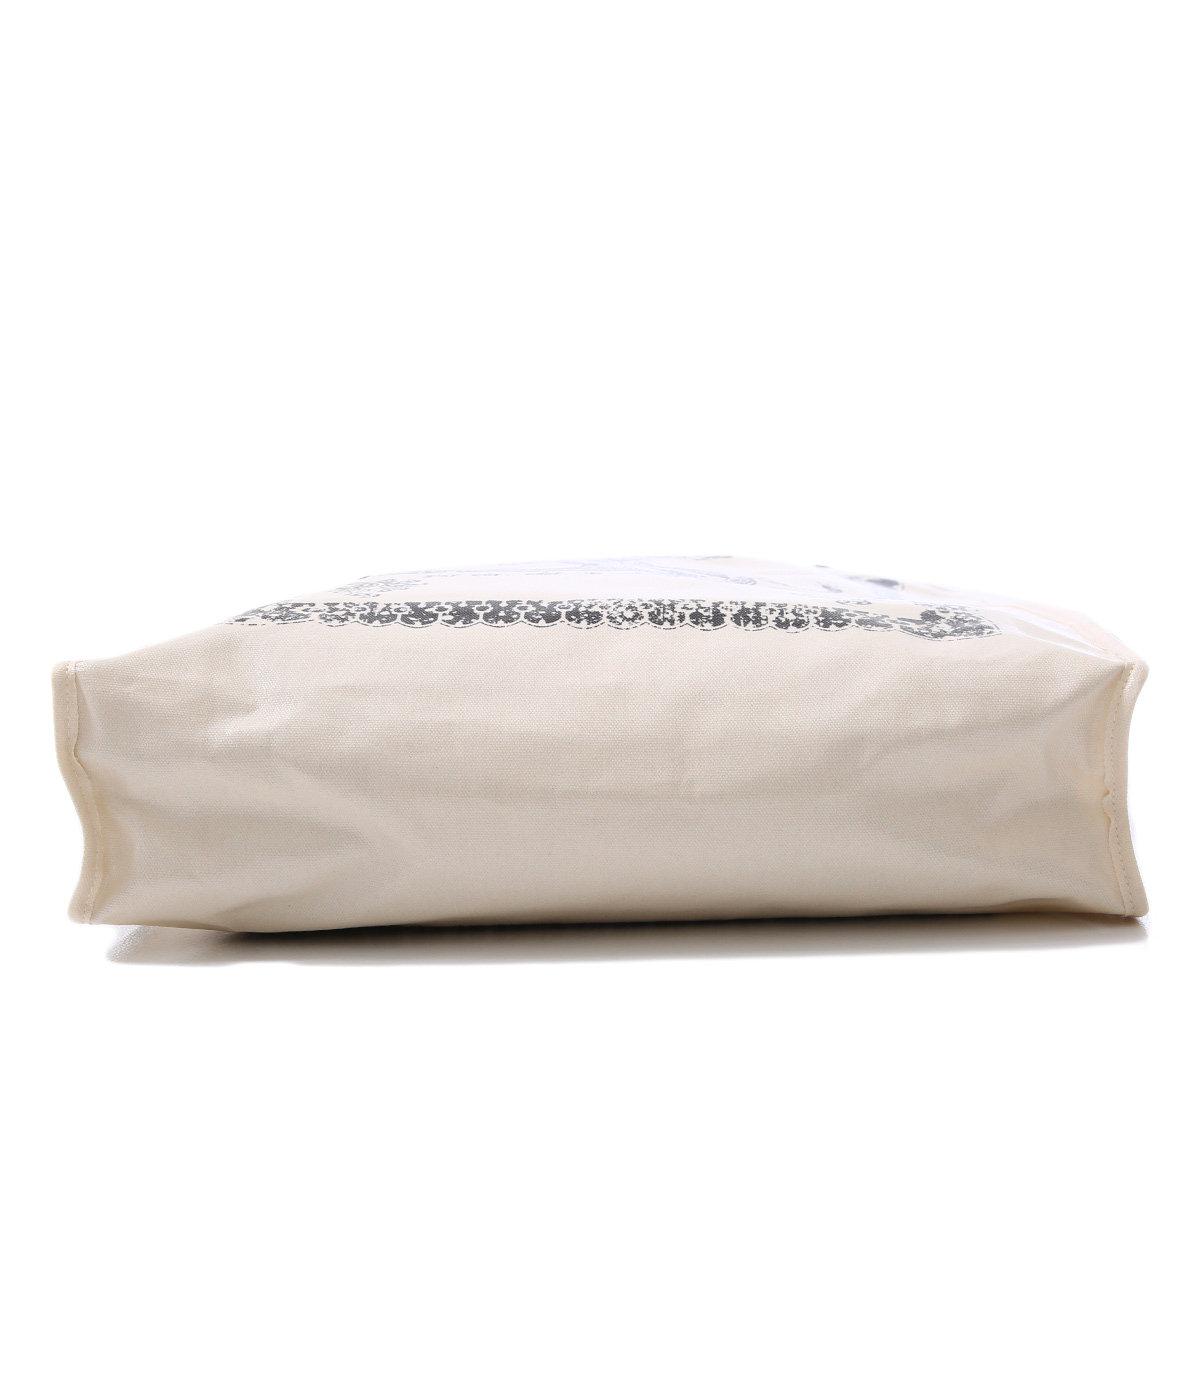 FN-UX-BAGS000041(bag)